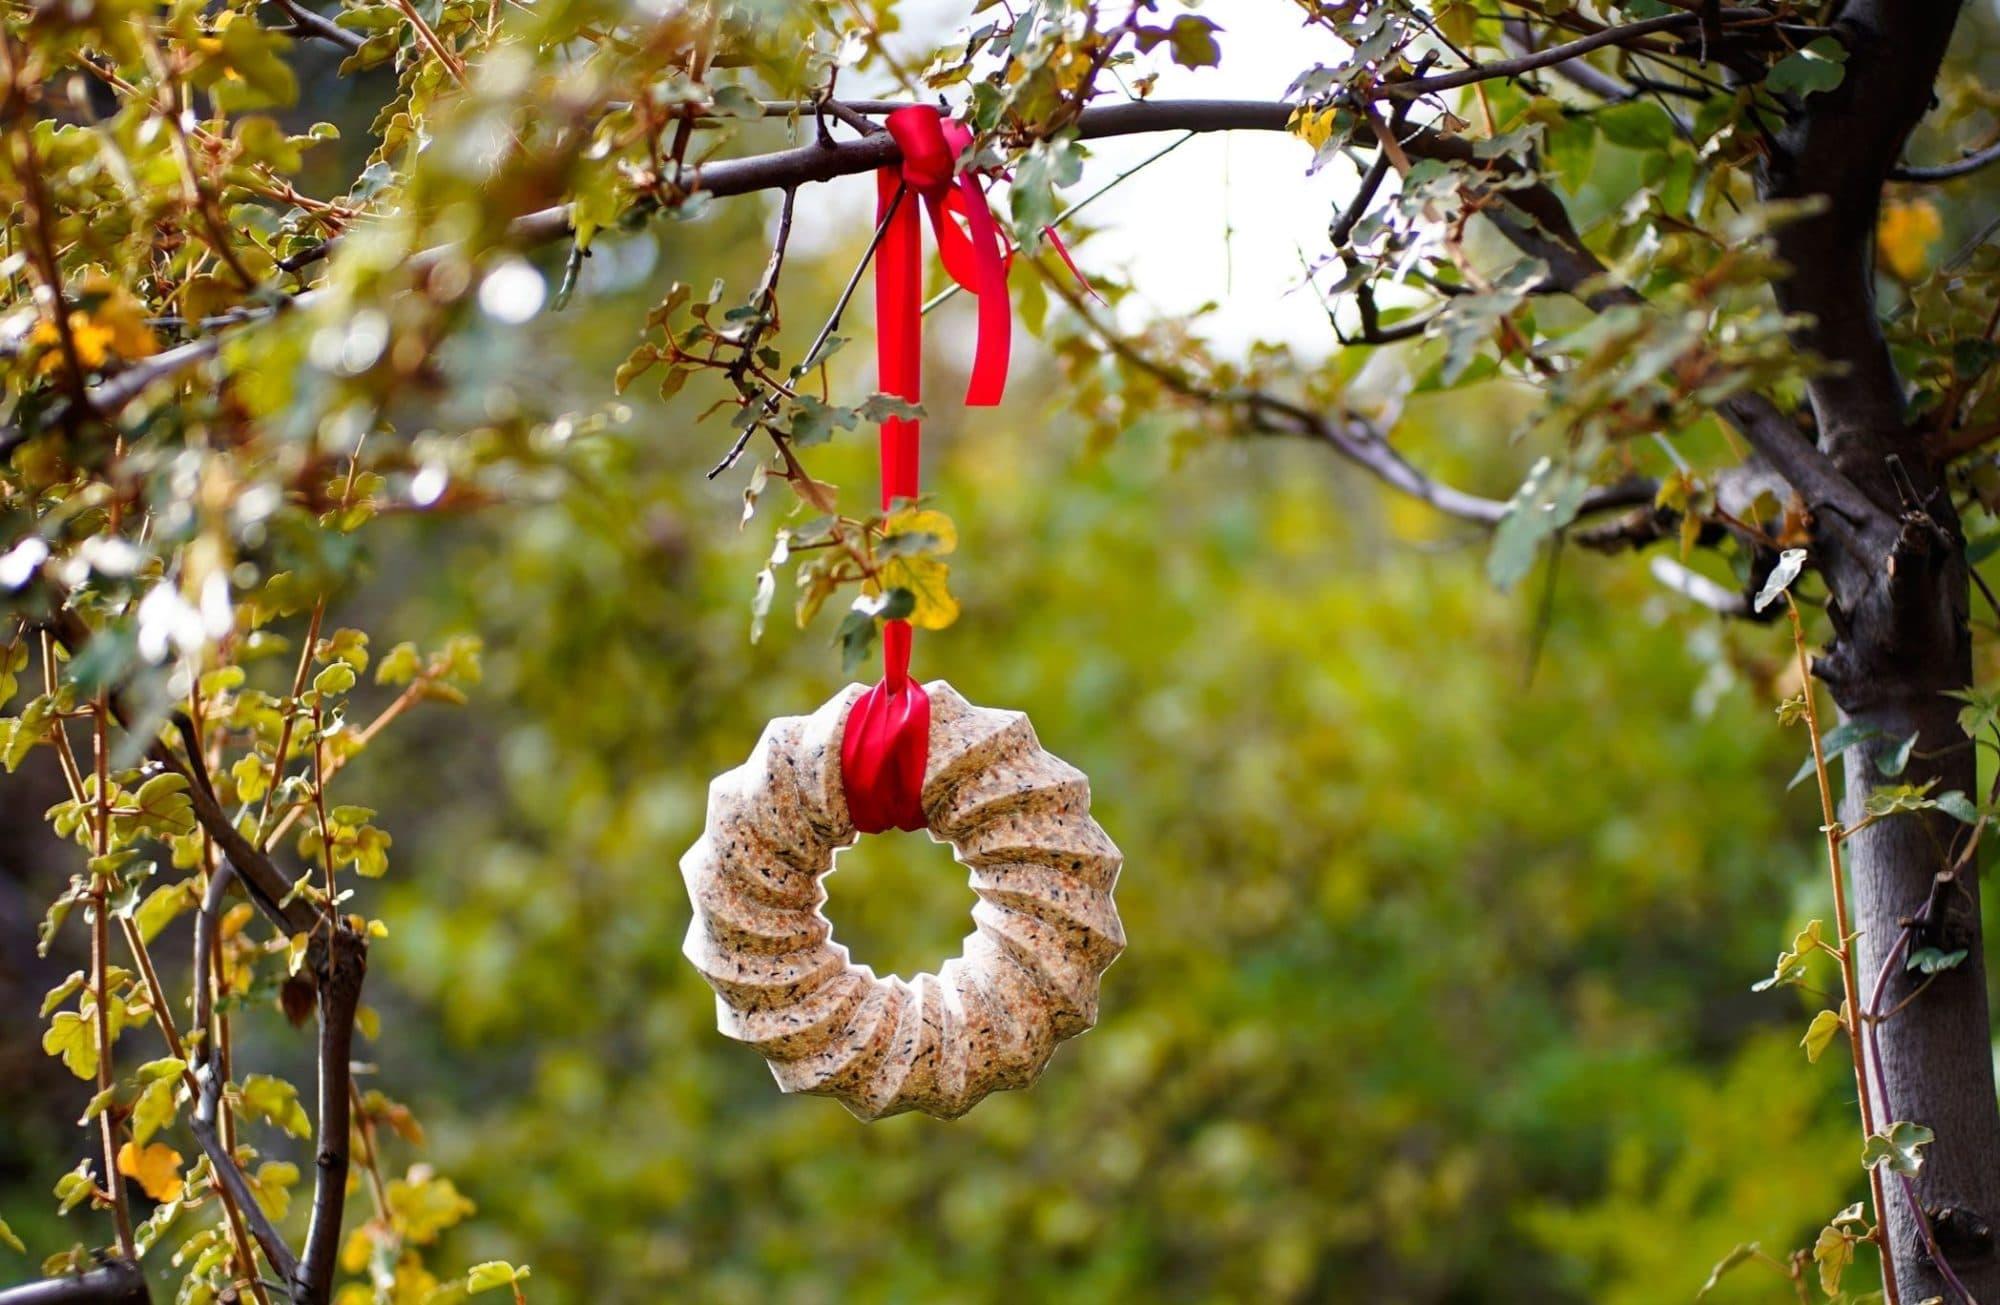 Comment réaliser une couronne de Noël pour oiseaux ?